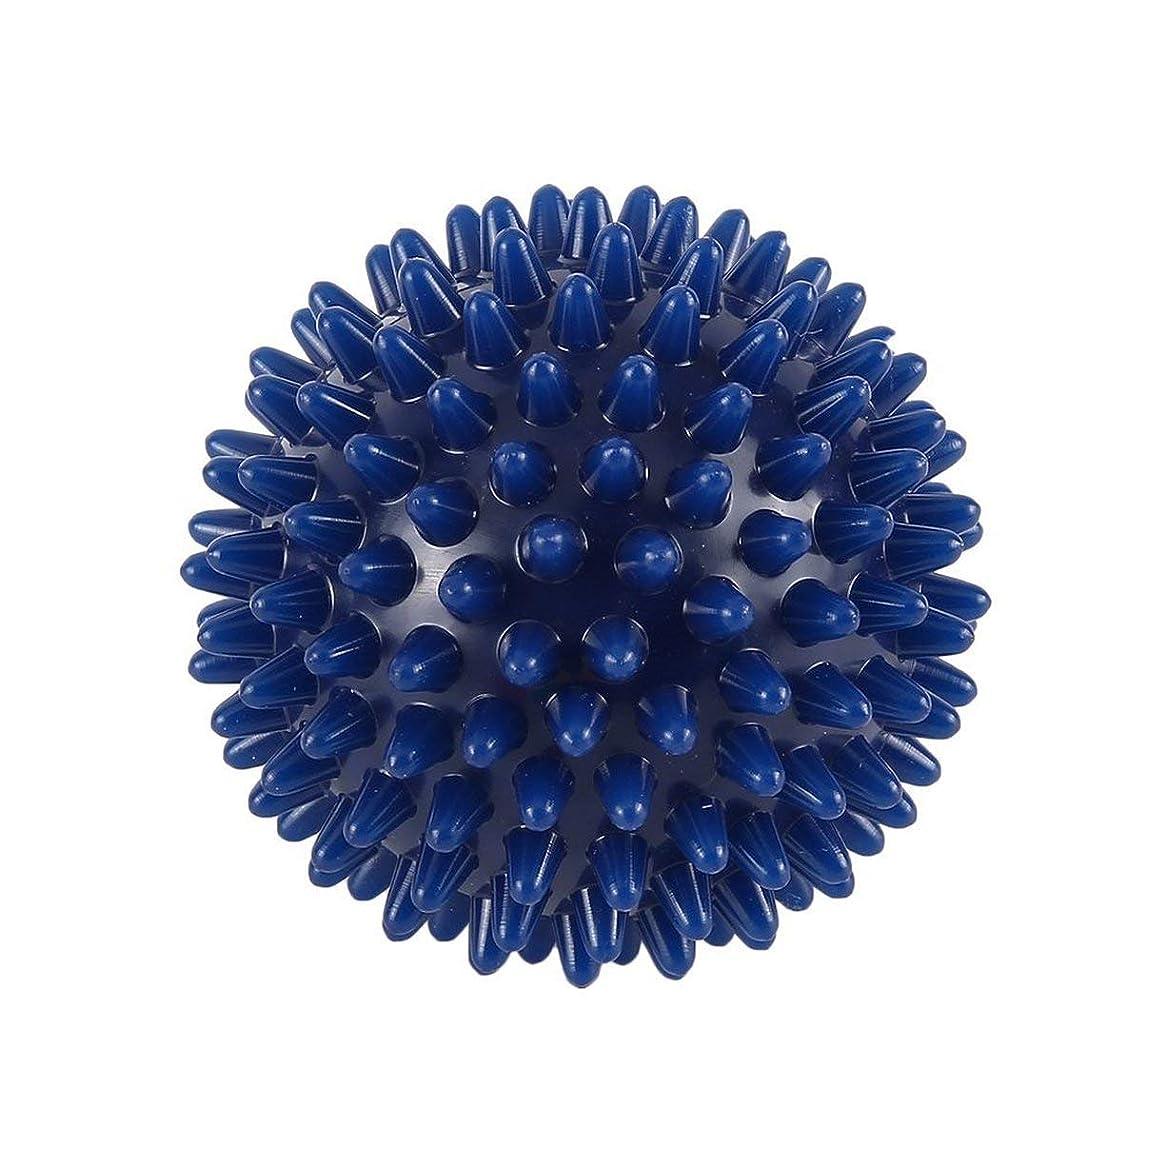 バリア船乗りくPVC High Density Spiky Massage Ball Foot Pain & Plantar Fasciitis Reliever Treatment Hedgehog Ball Massage Acupressure Ball